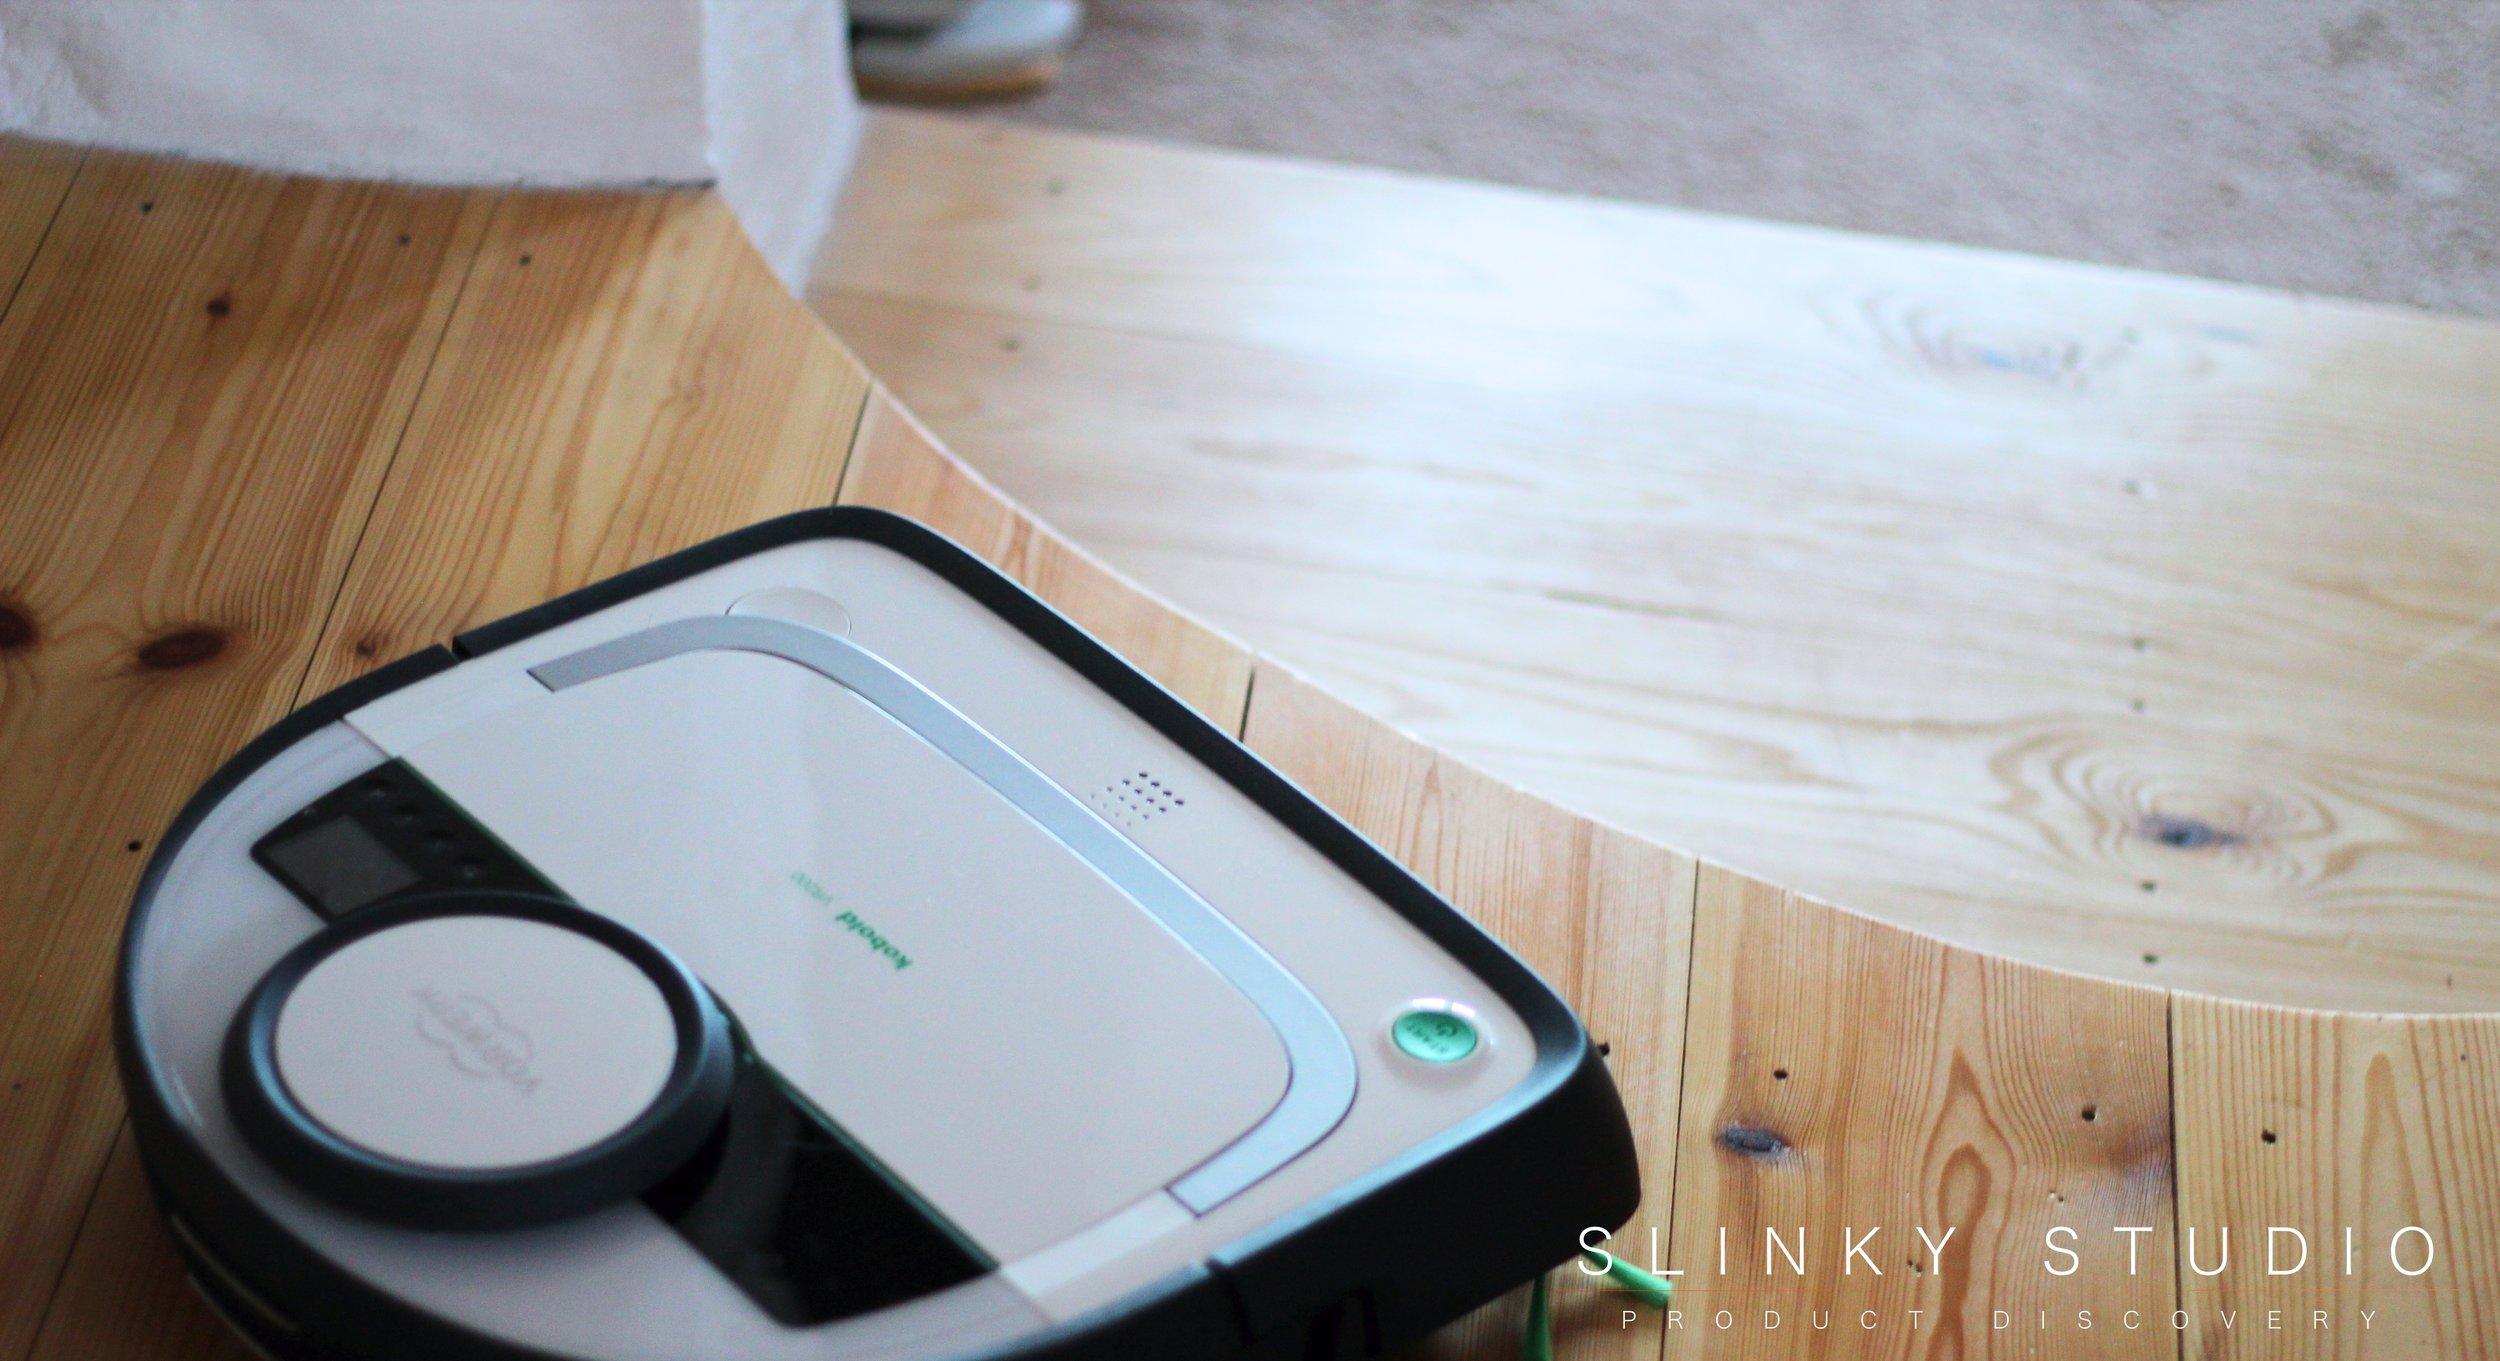 Vorwerk Kobold VR200 Robot Cleaner Detect Steps.jpg